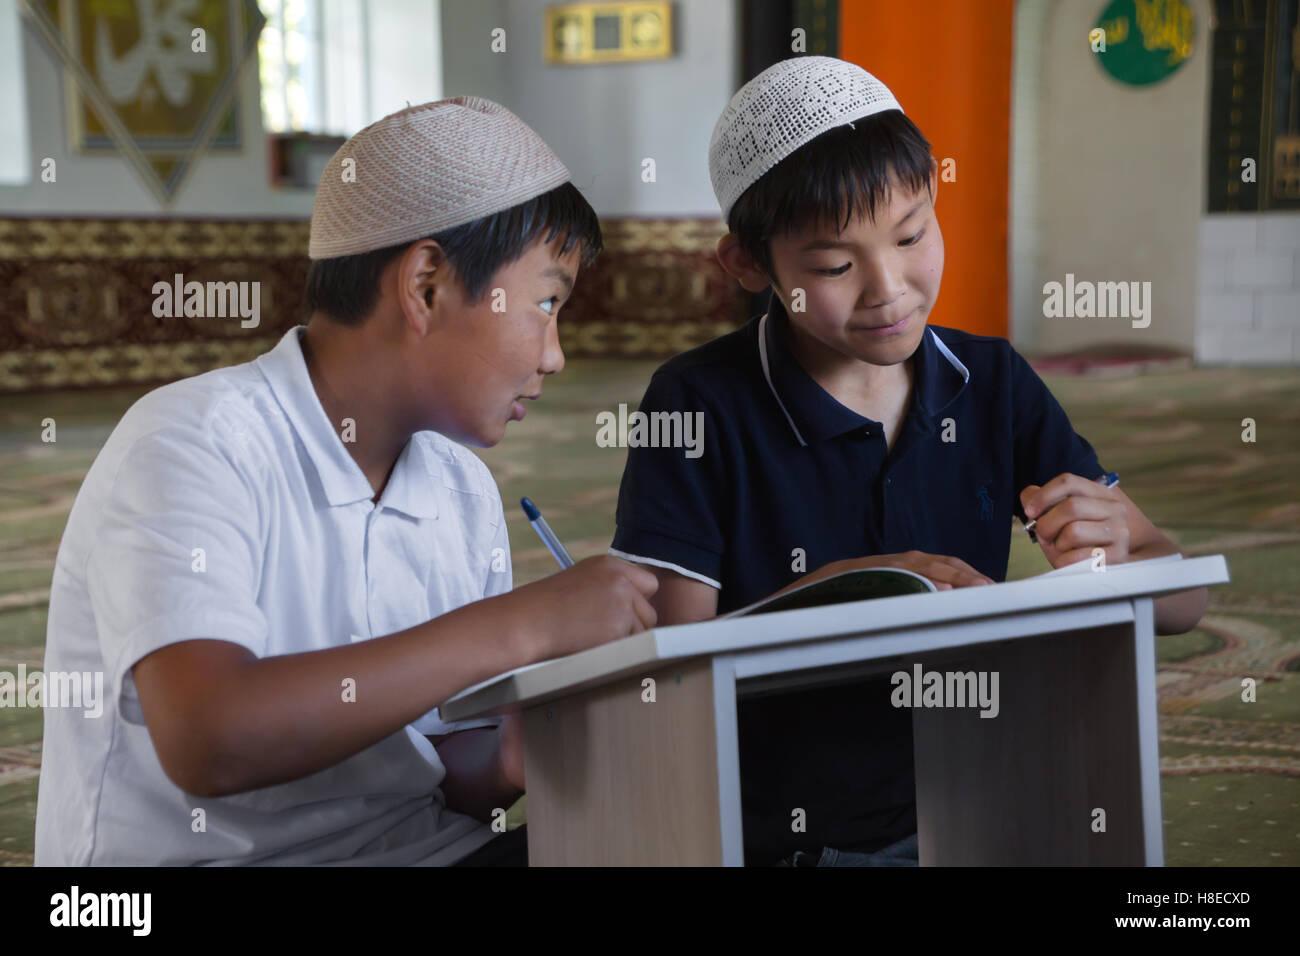 Kirghizistan - photos de garçons à l'école islamique, medressa Voyage Asie centrale - gens Photo Stock